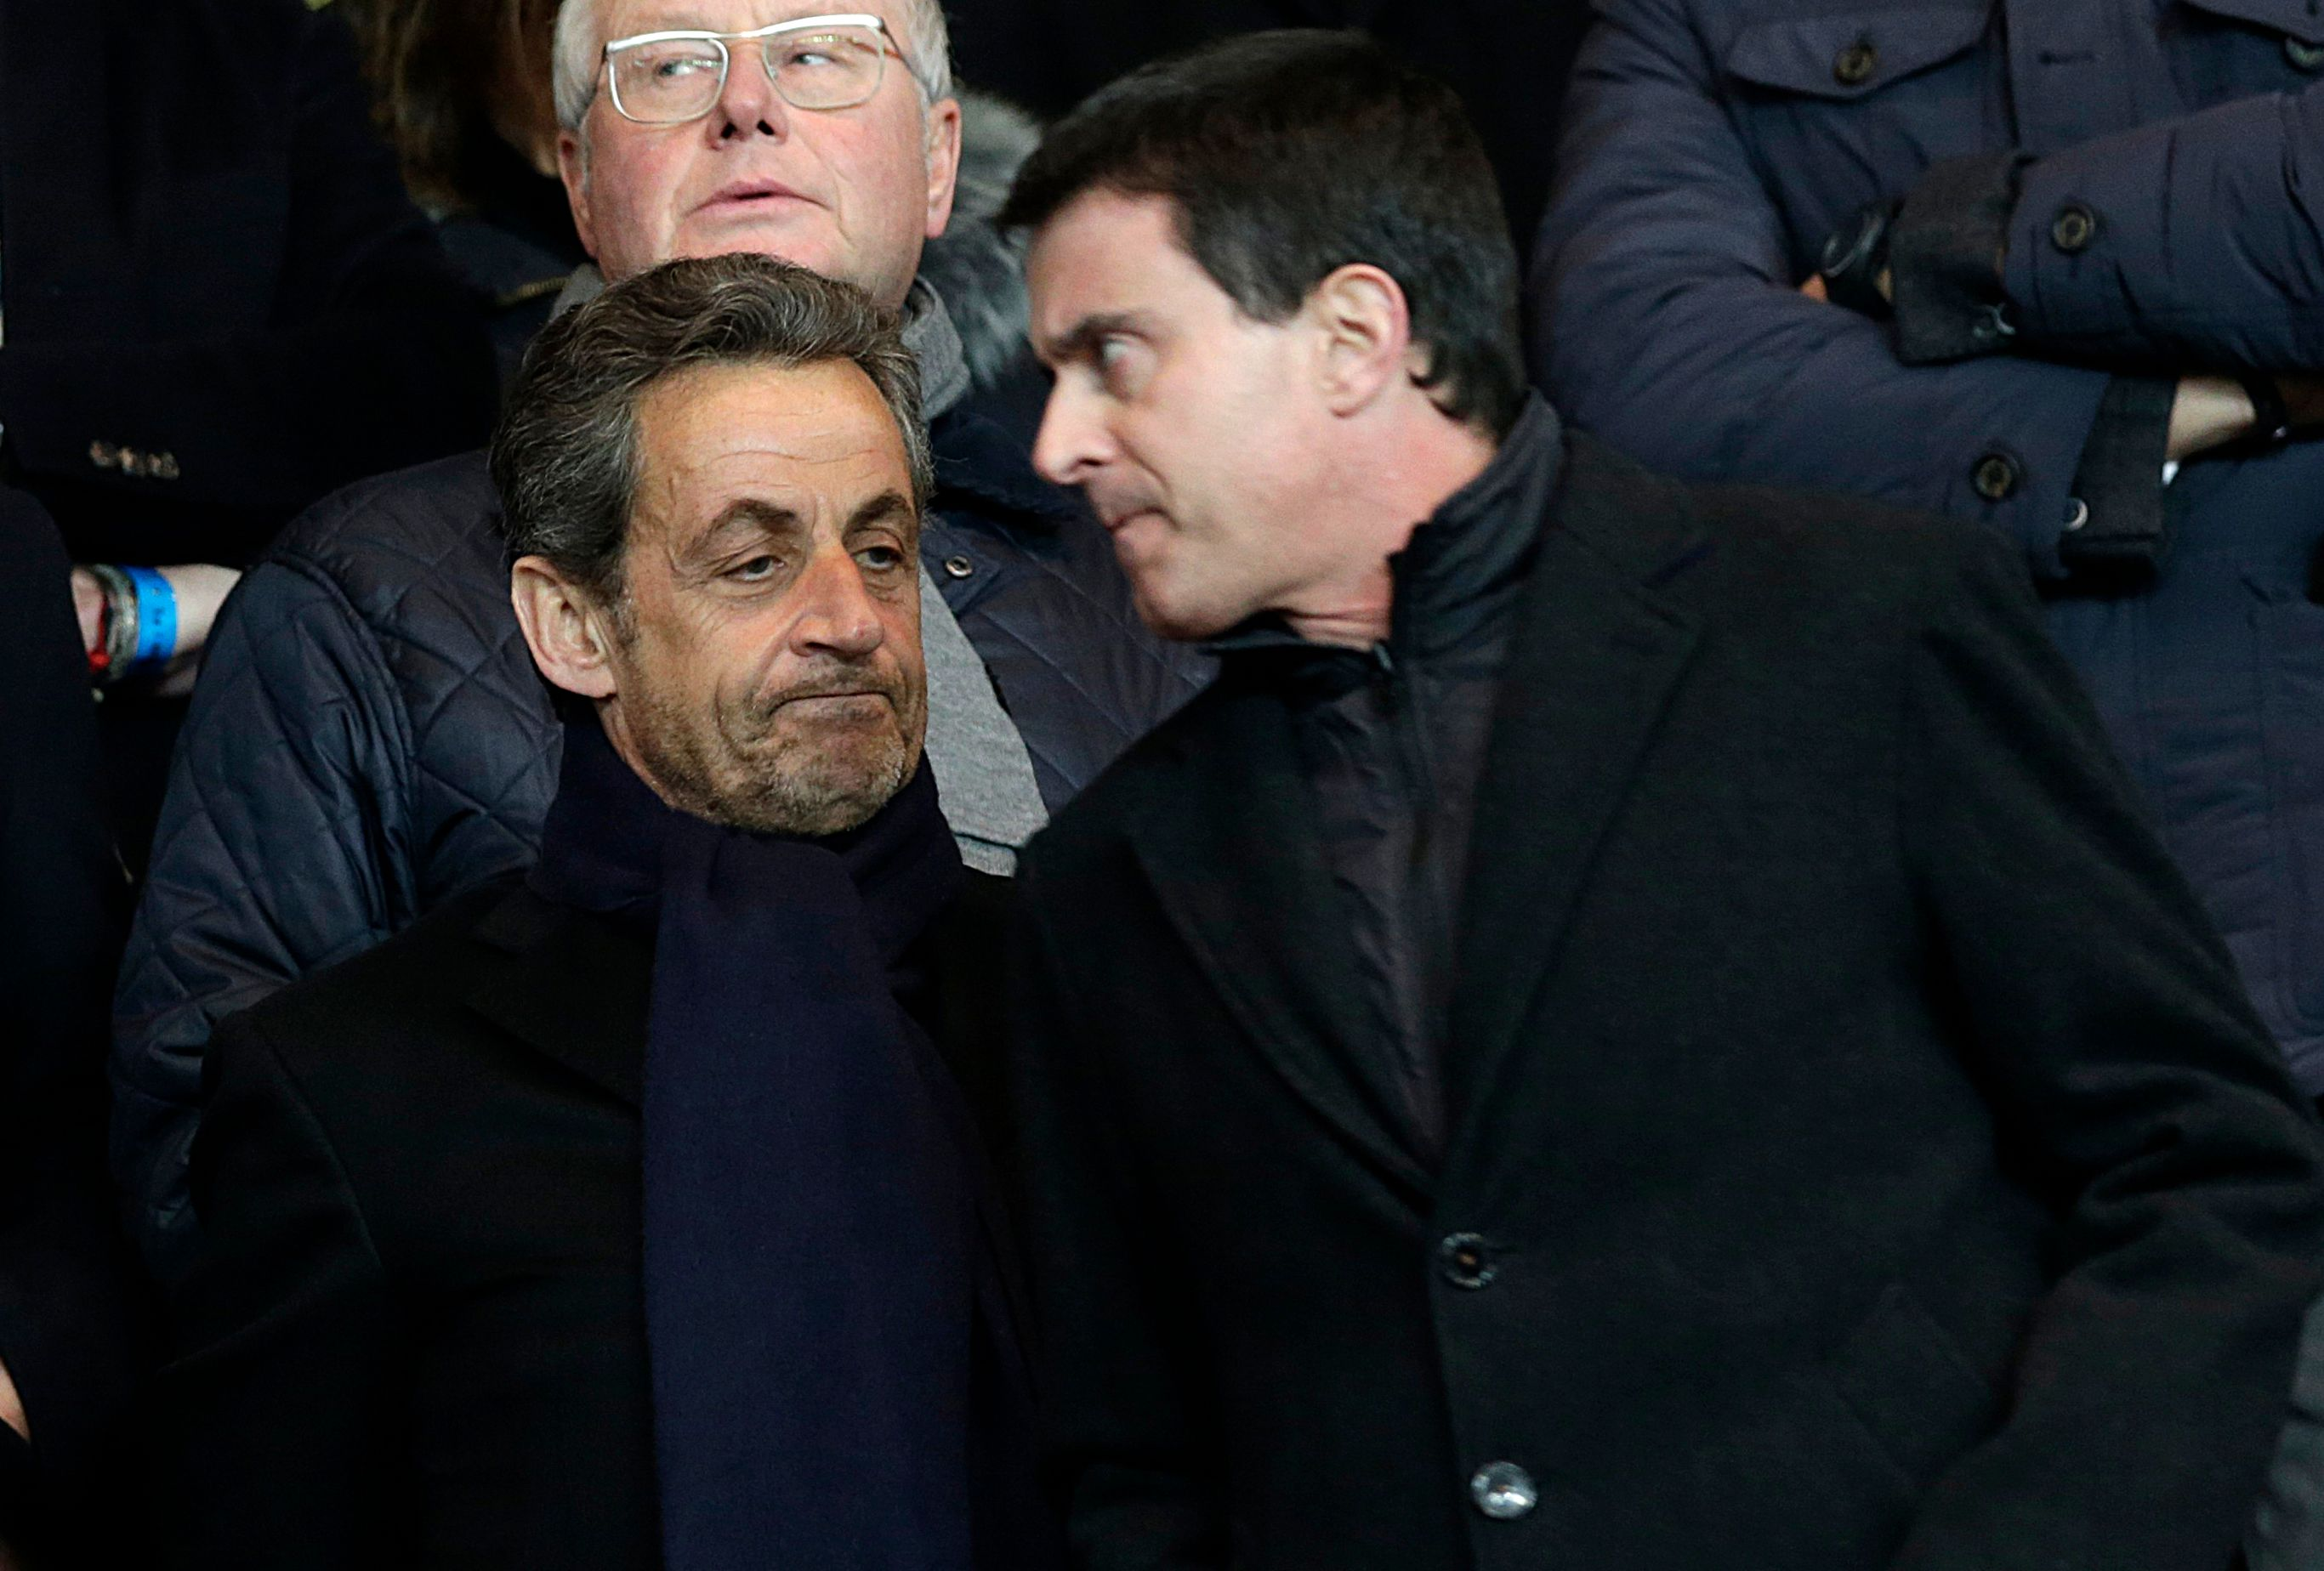 Si Nicolas Sarkozy et Marine Le Pen n'existaient pas, le PS devrait les inventer pour avoir encore quelque chose à dire